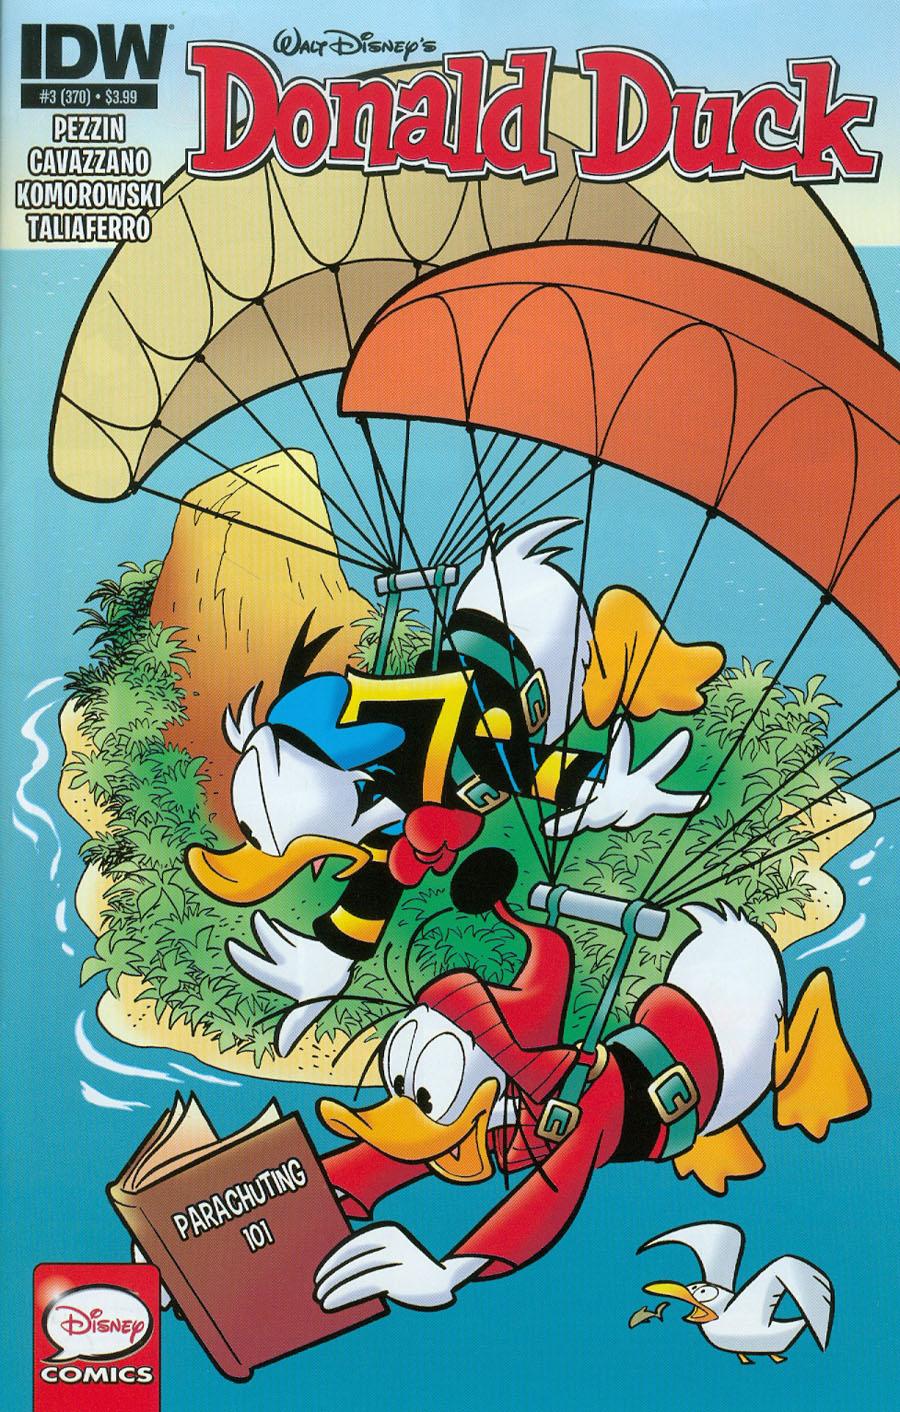 Donald Duck Vol 2 #3 Cover A Regular Giorgio Cavazzano Cover